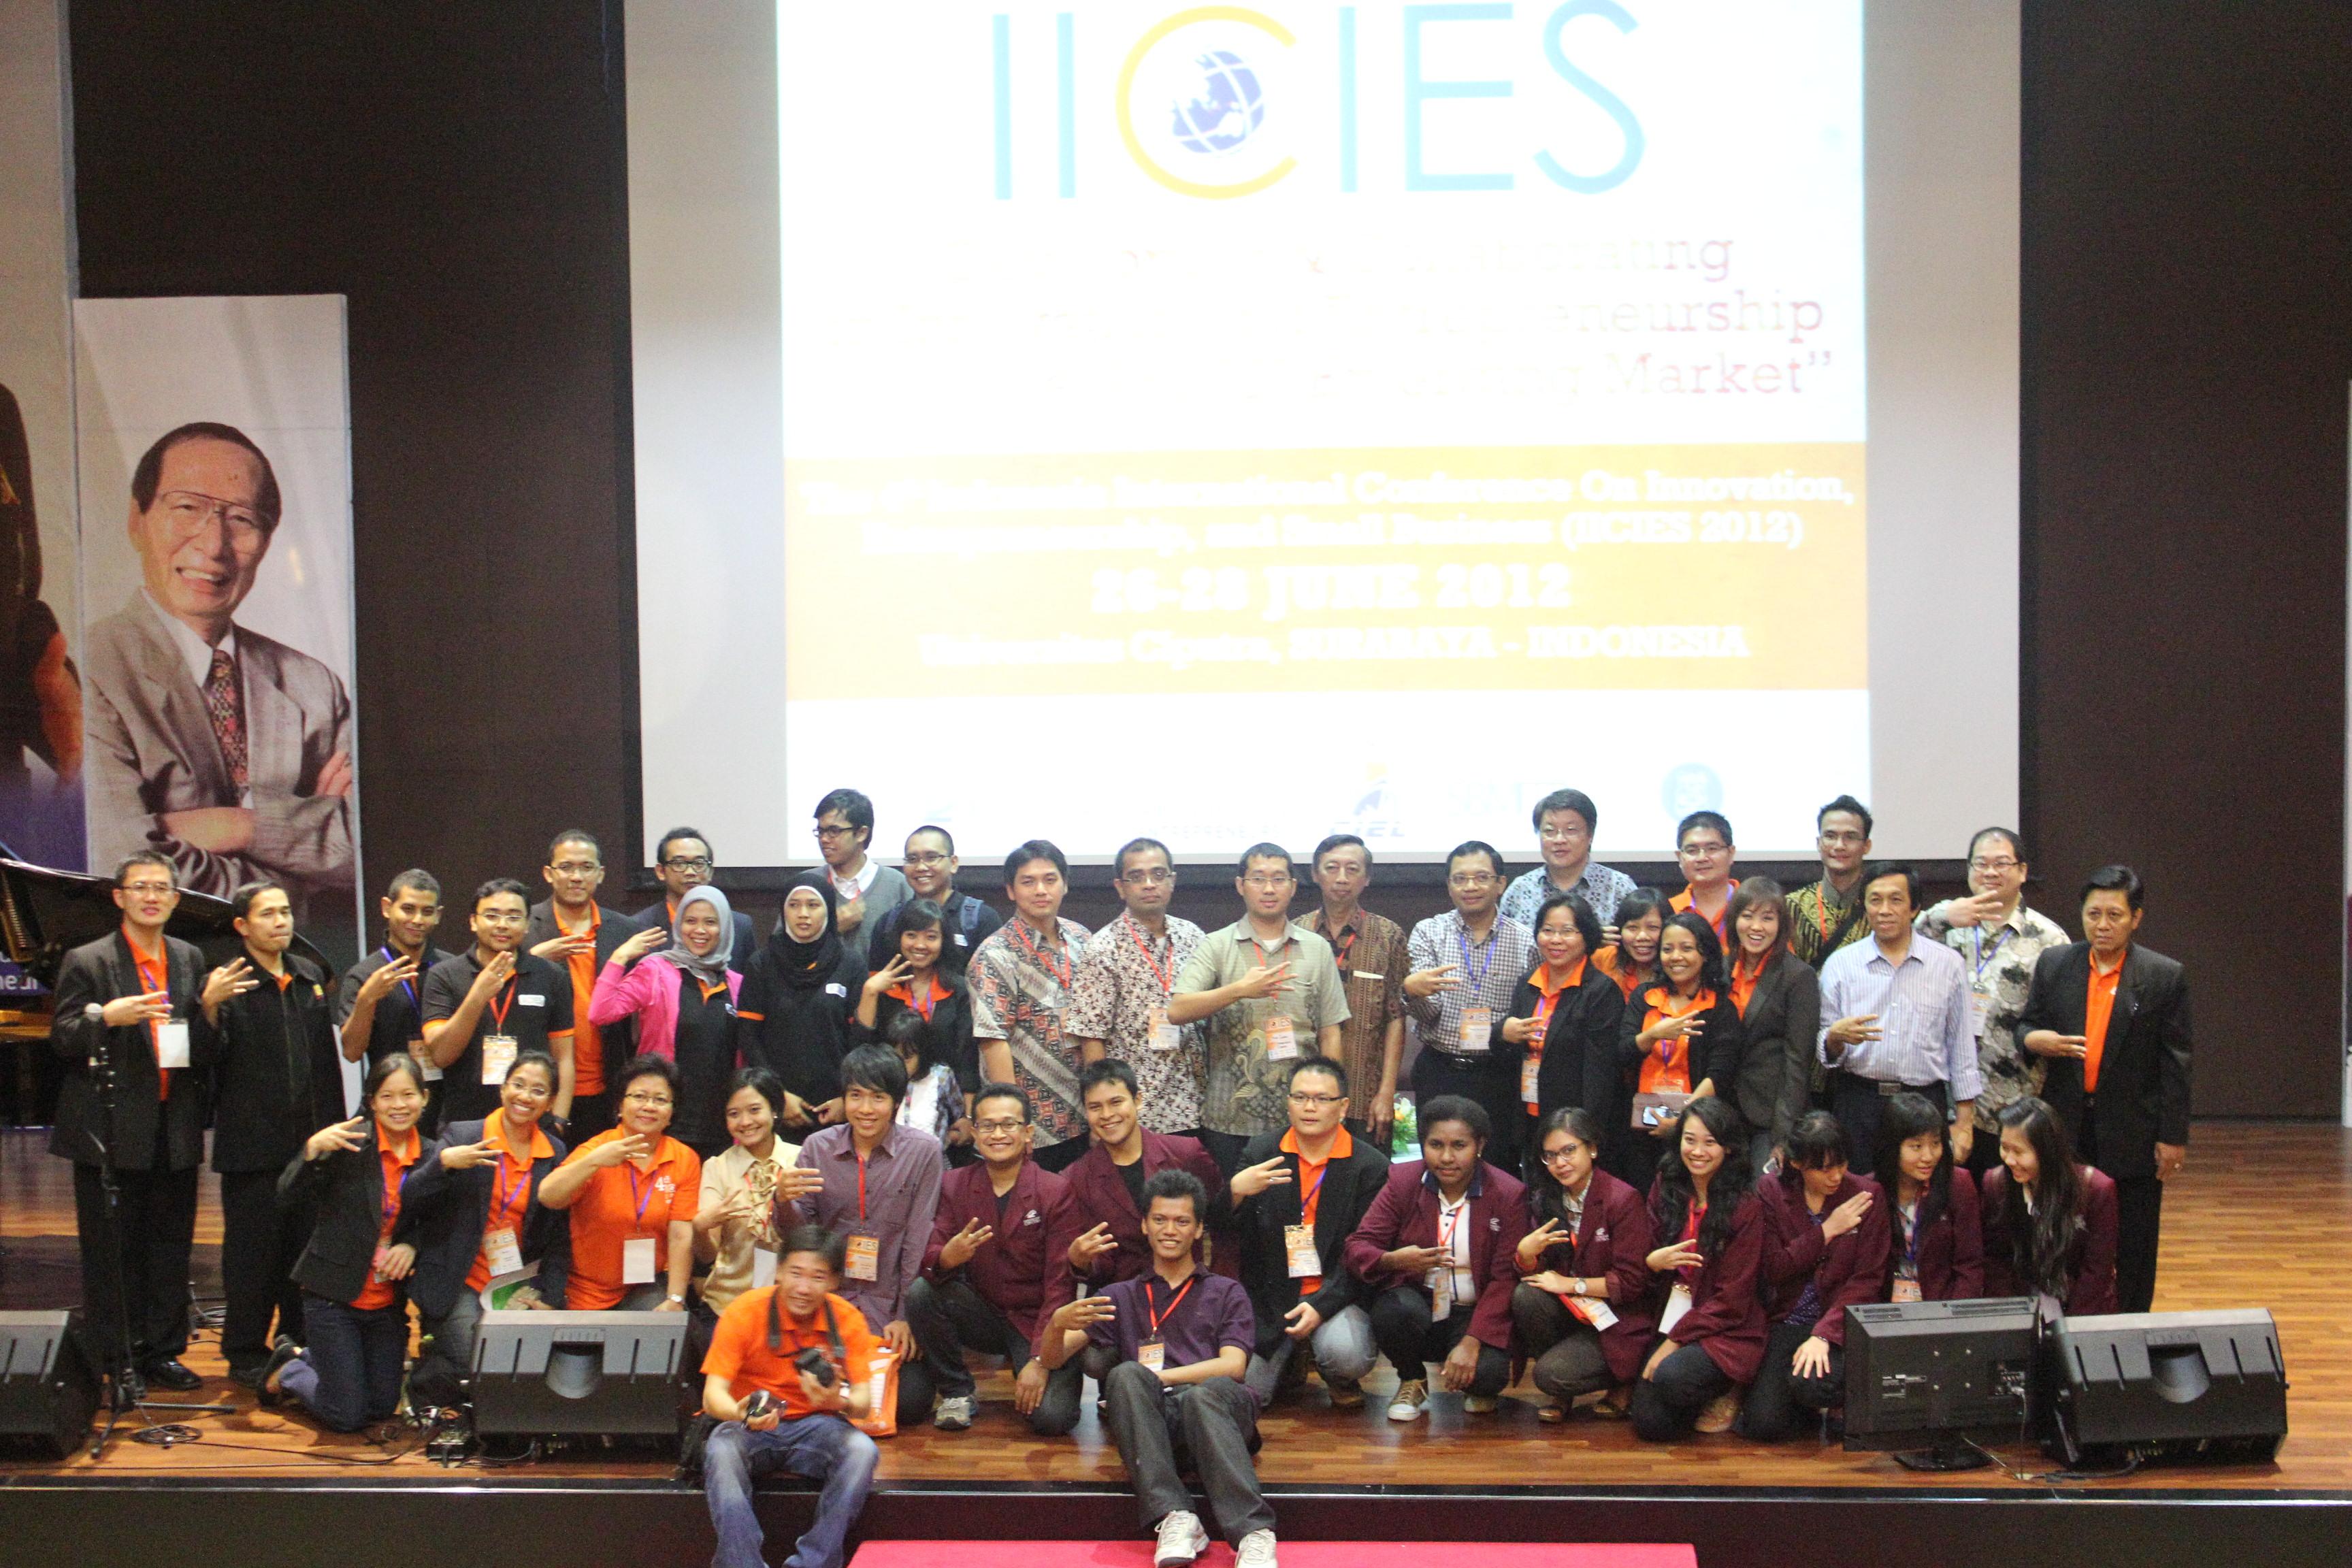 IICIES 2012 Day 3